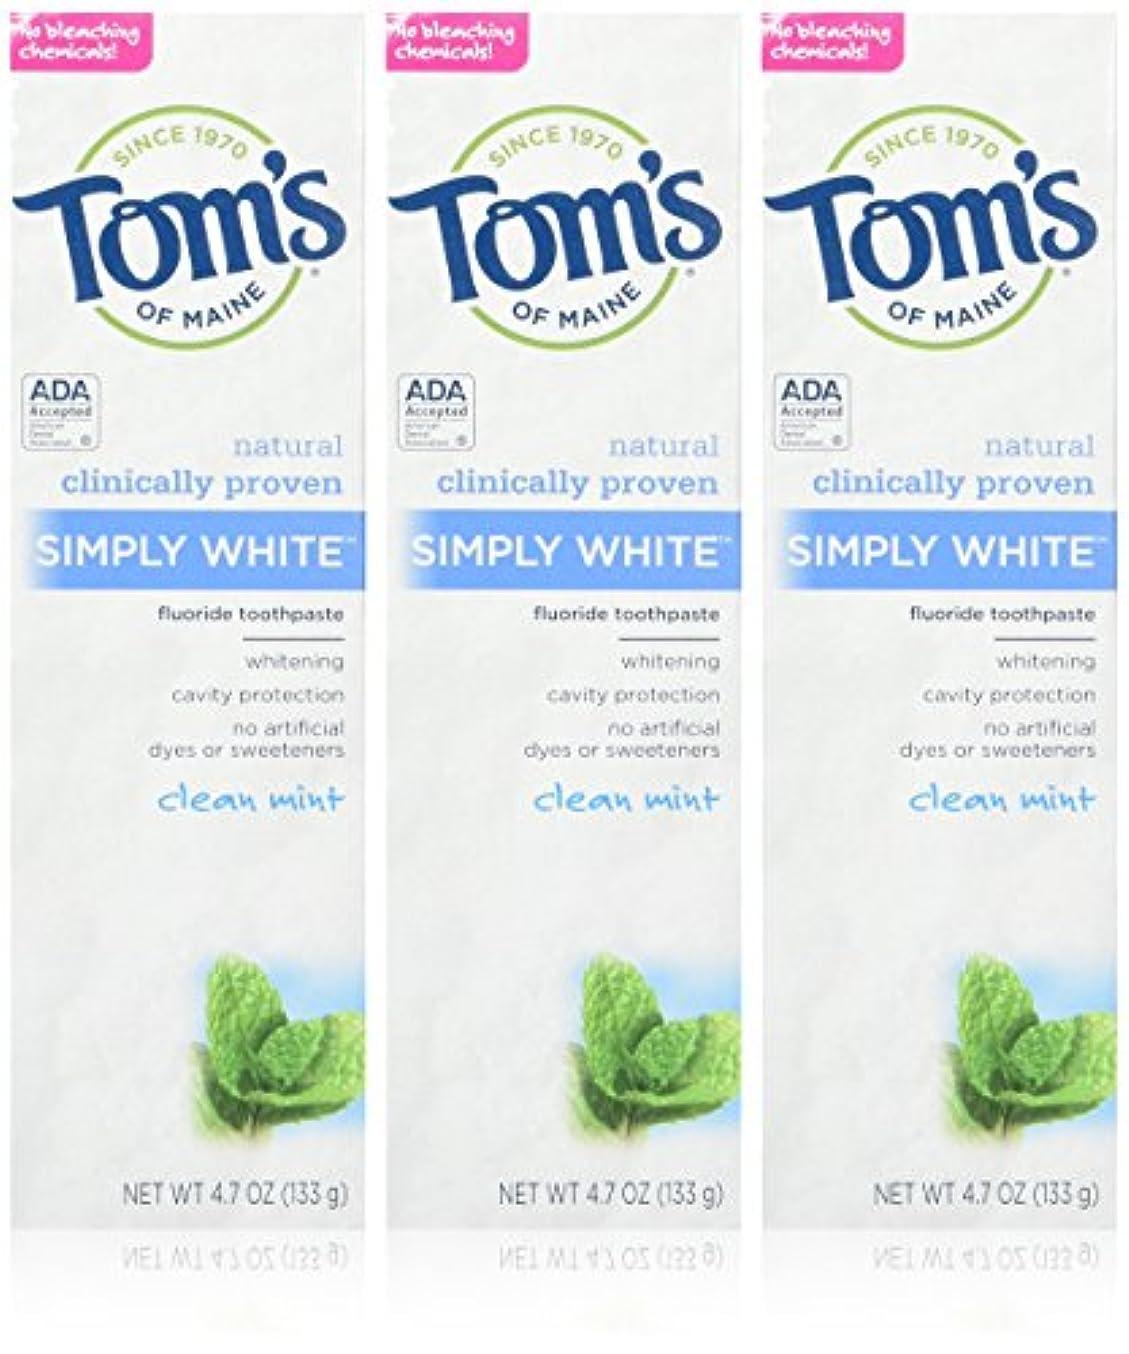 失業主張するダニTOM'S OF MAINE - Simply White Toothpaste Clean Mint - 4.7 oz. (133 g) by Tom's of Maine